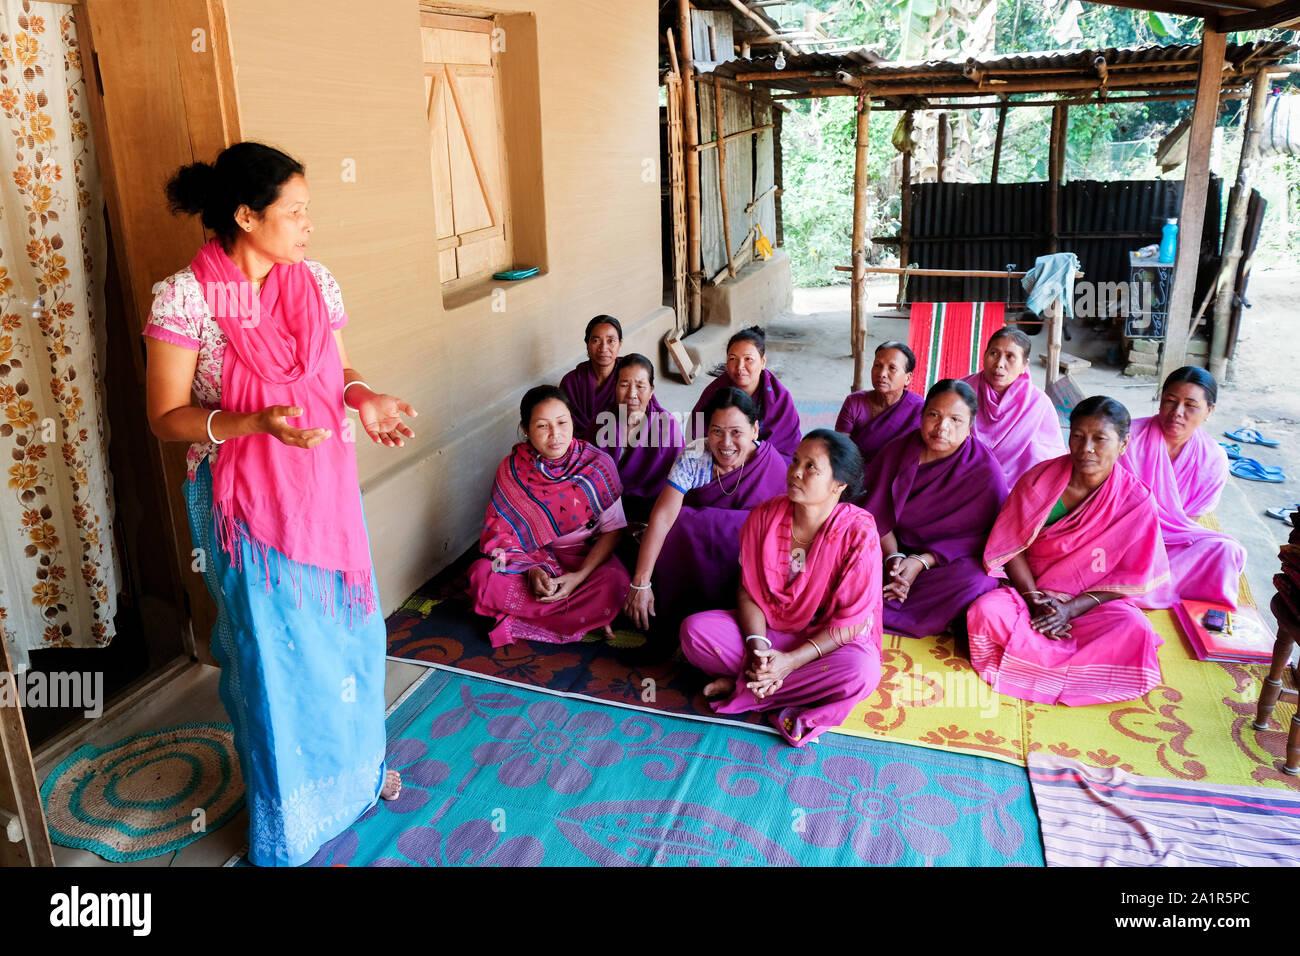 Las mujeres han formado un grupo de autoayuda para ser económicamente más independientes. Bagbari Village, en el estado de Tripura, al noreste de la India Foto de stock